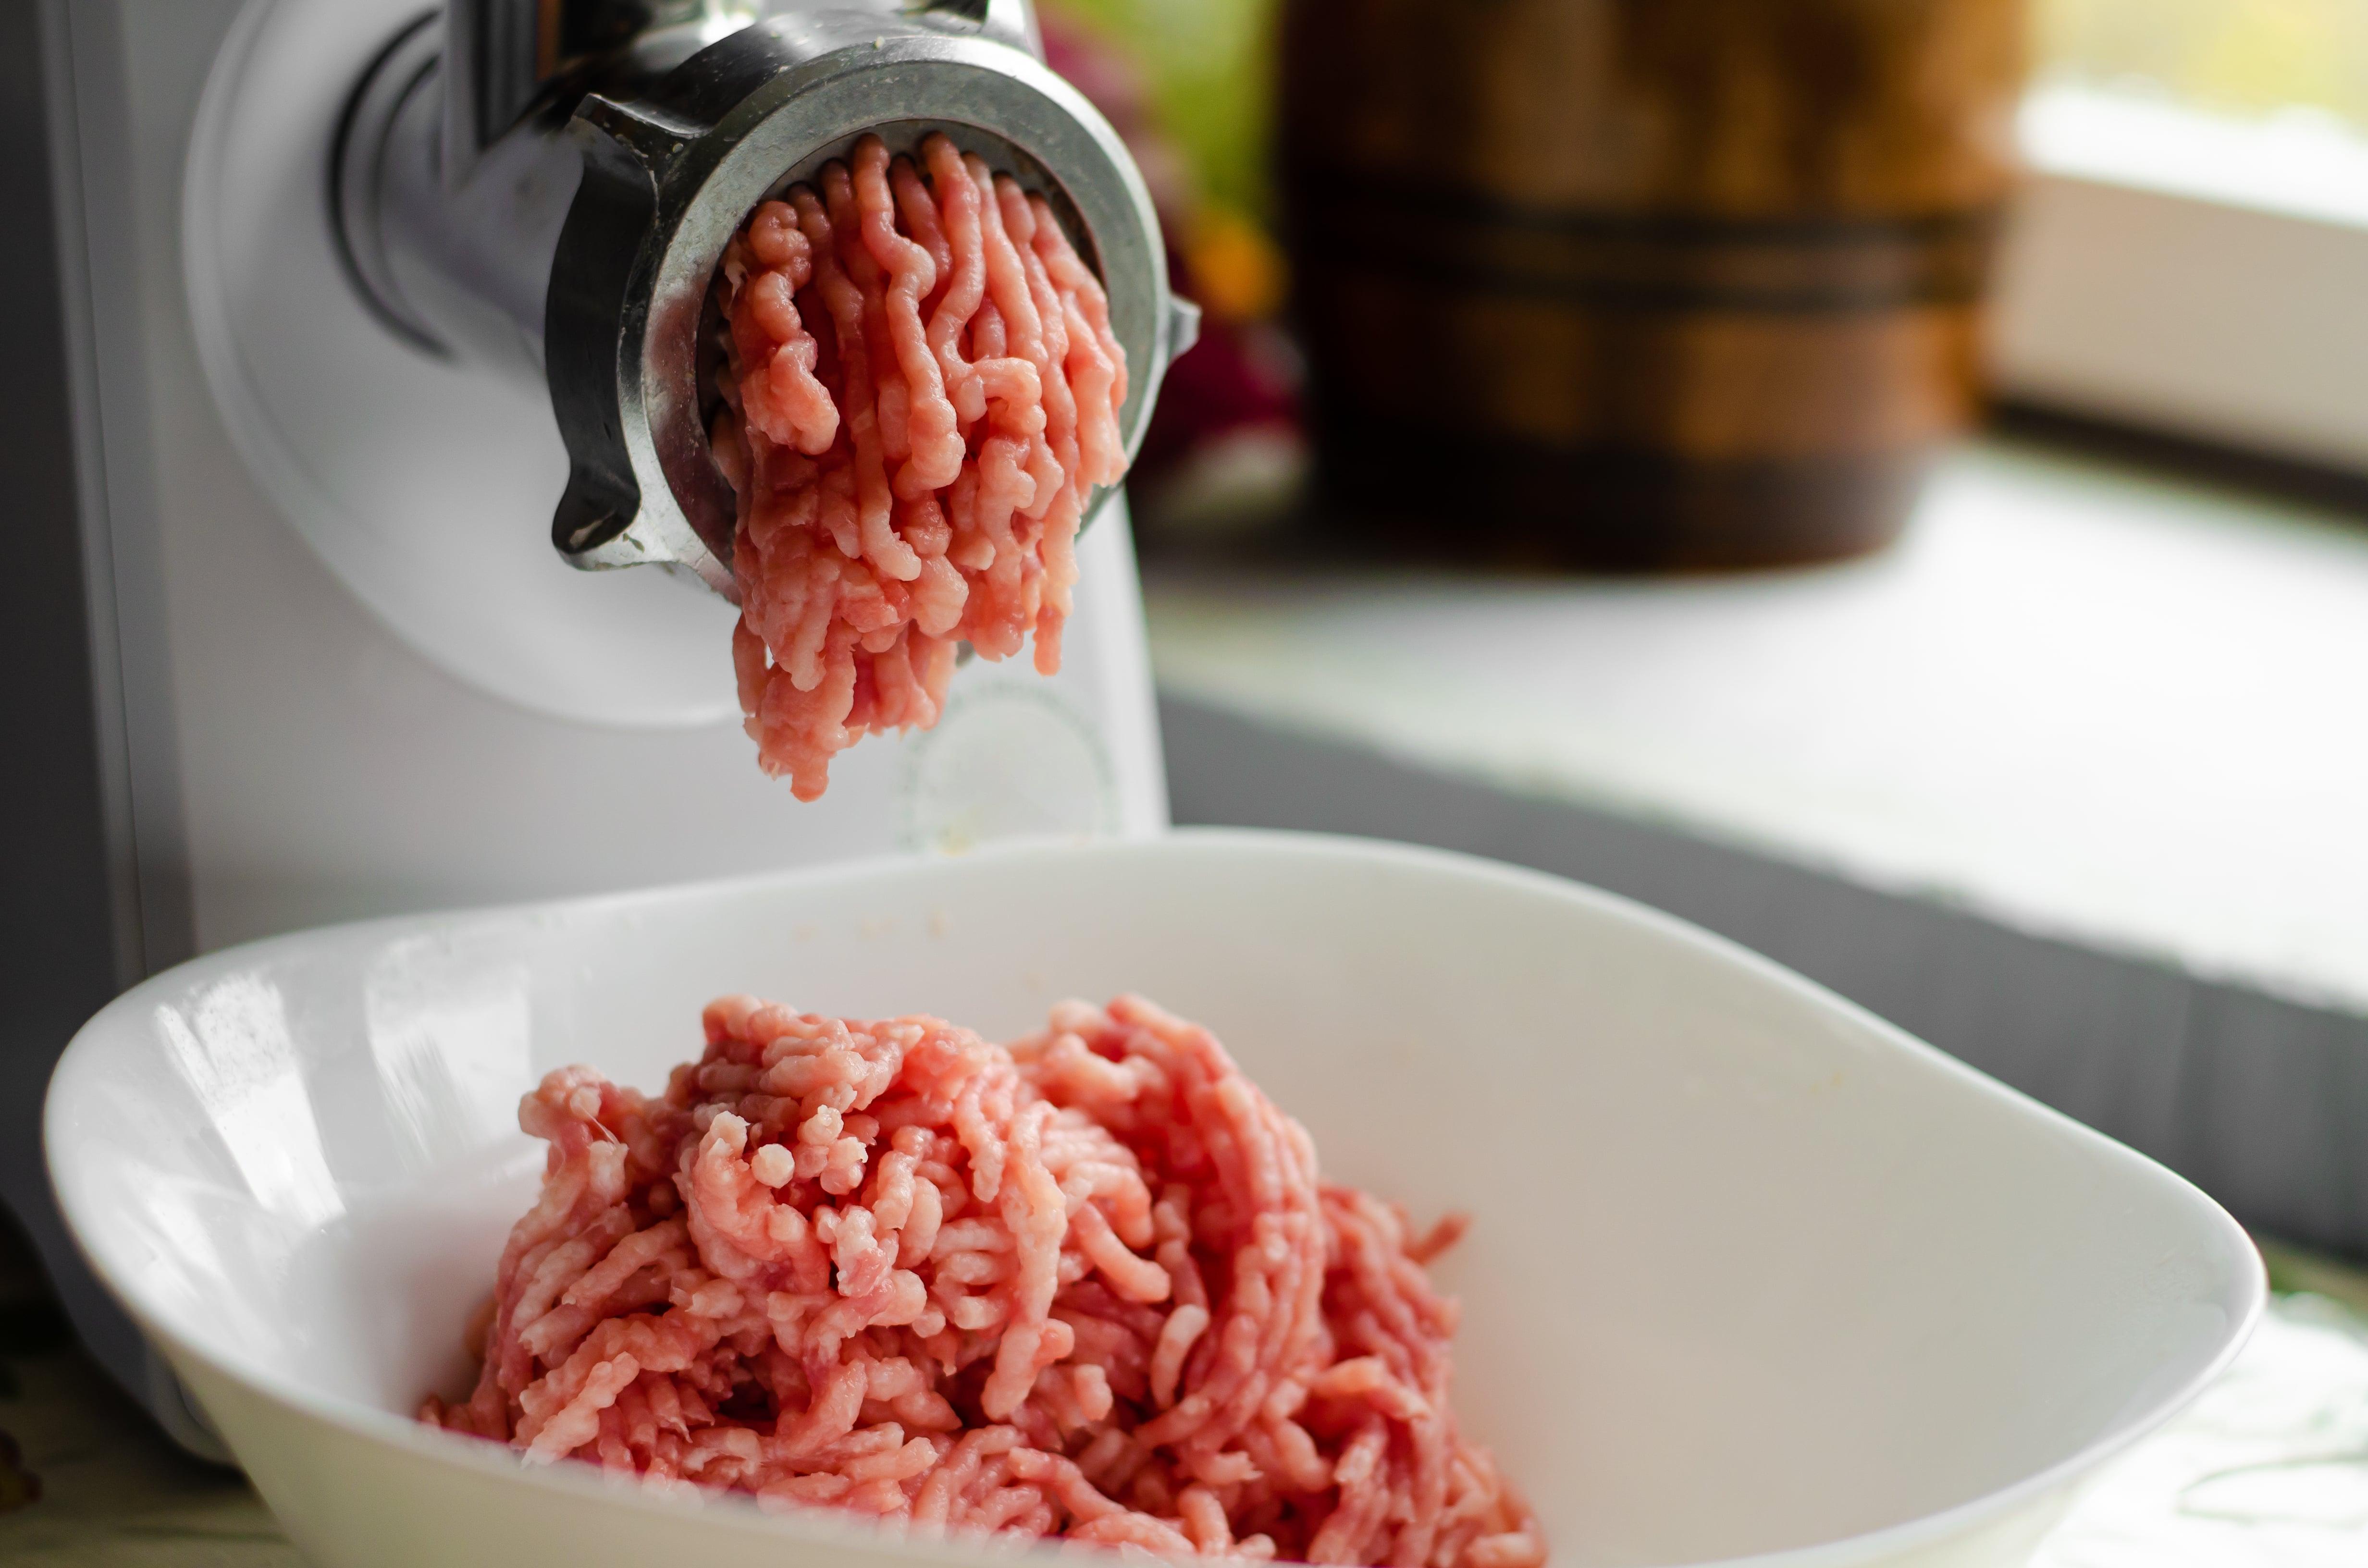 picadora de carne industrial.jpg